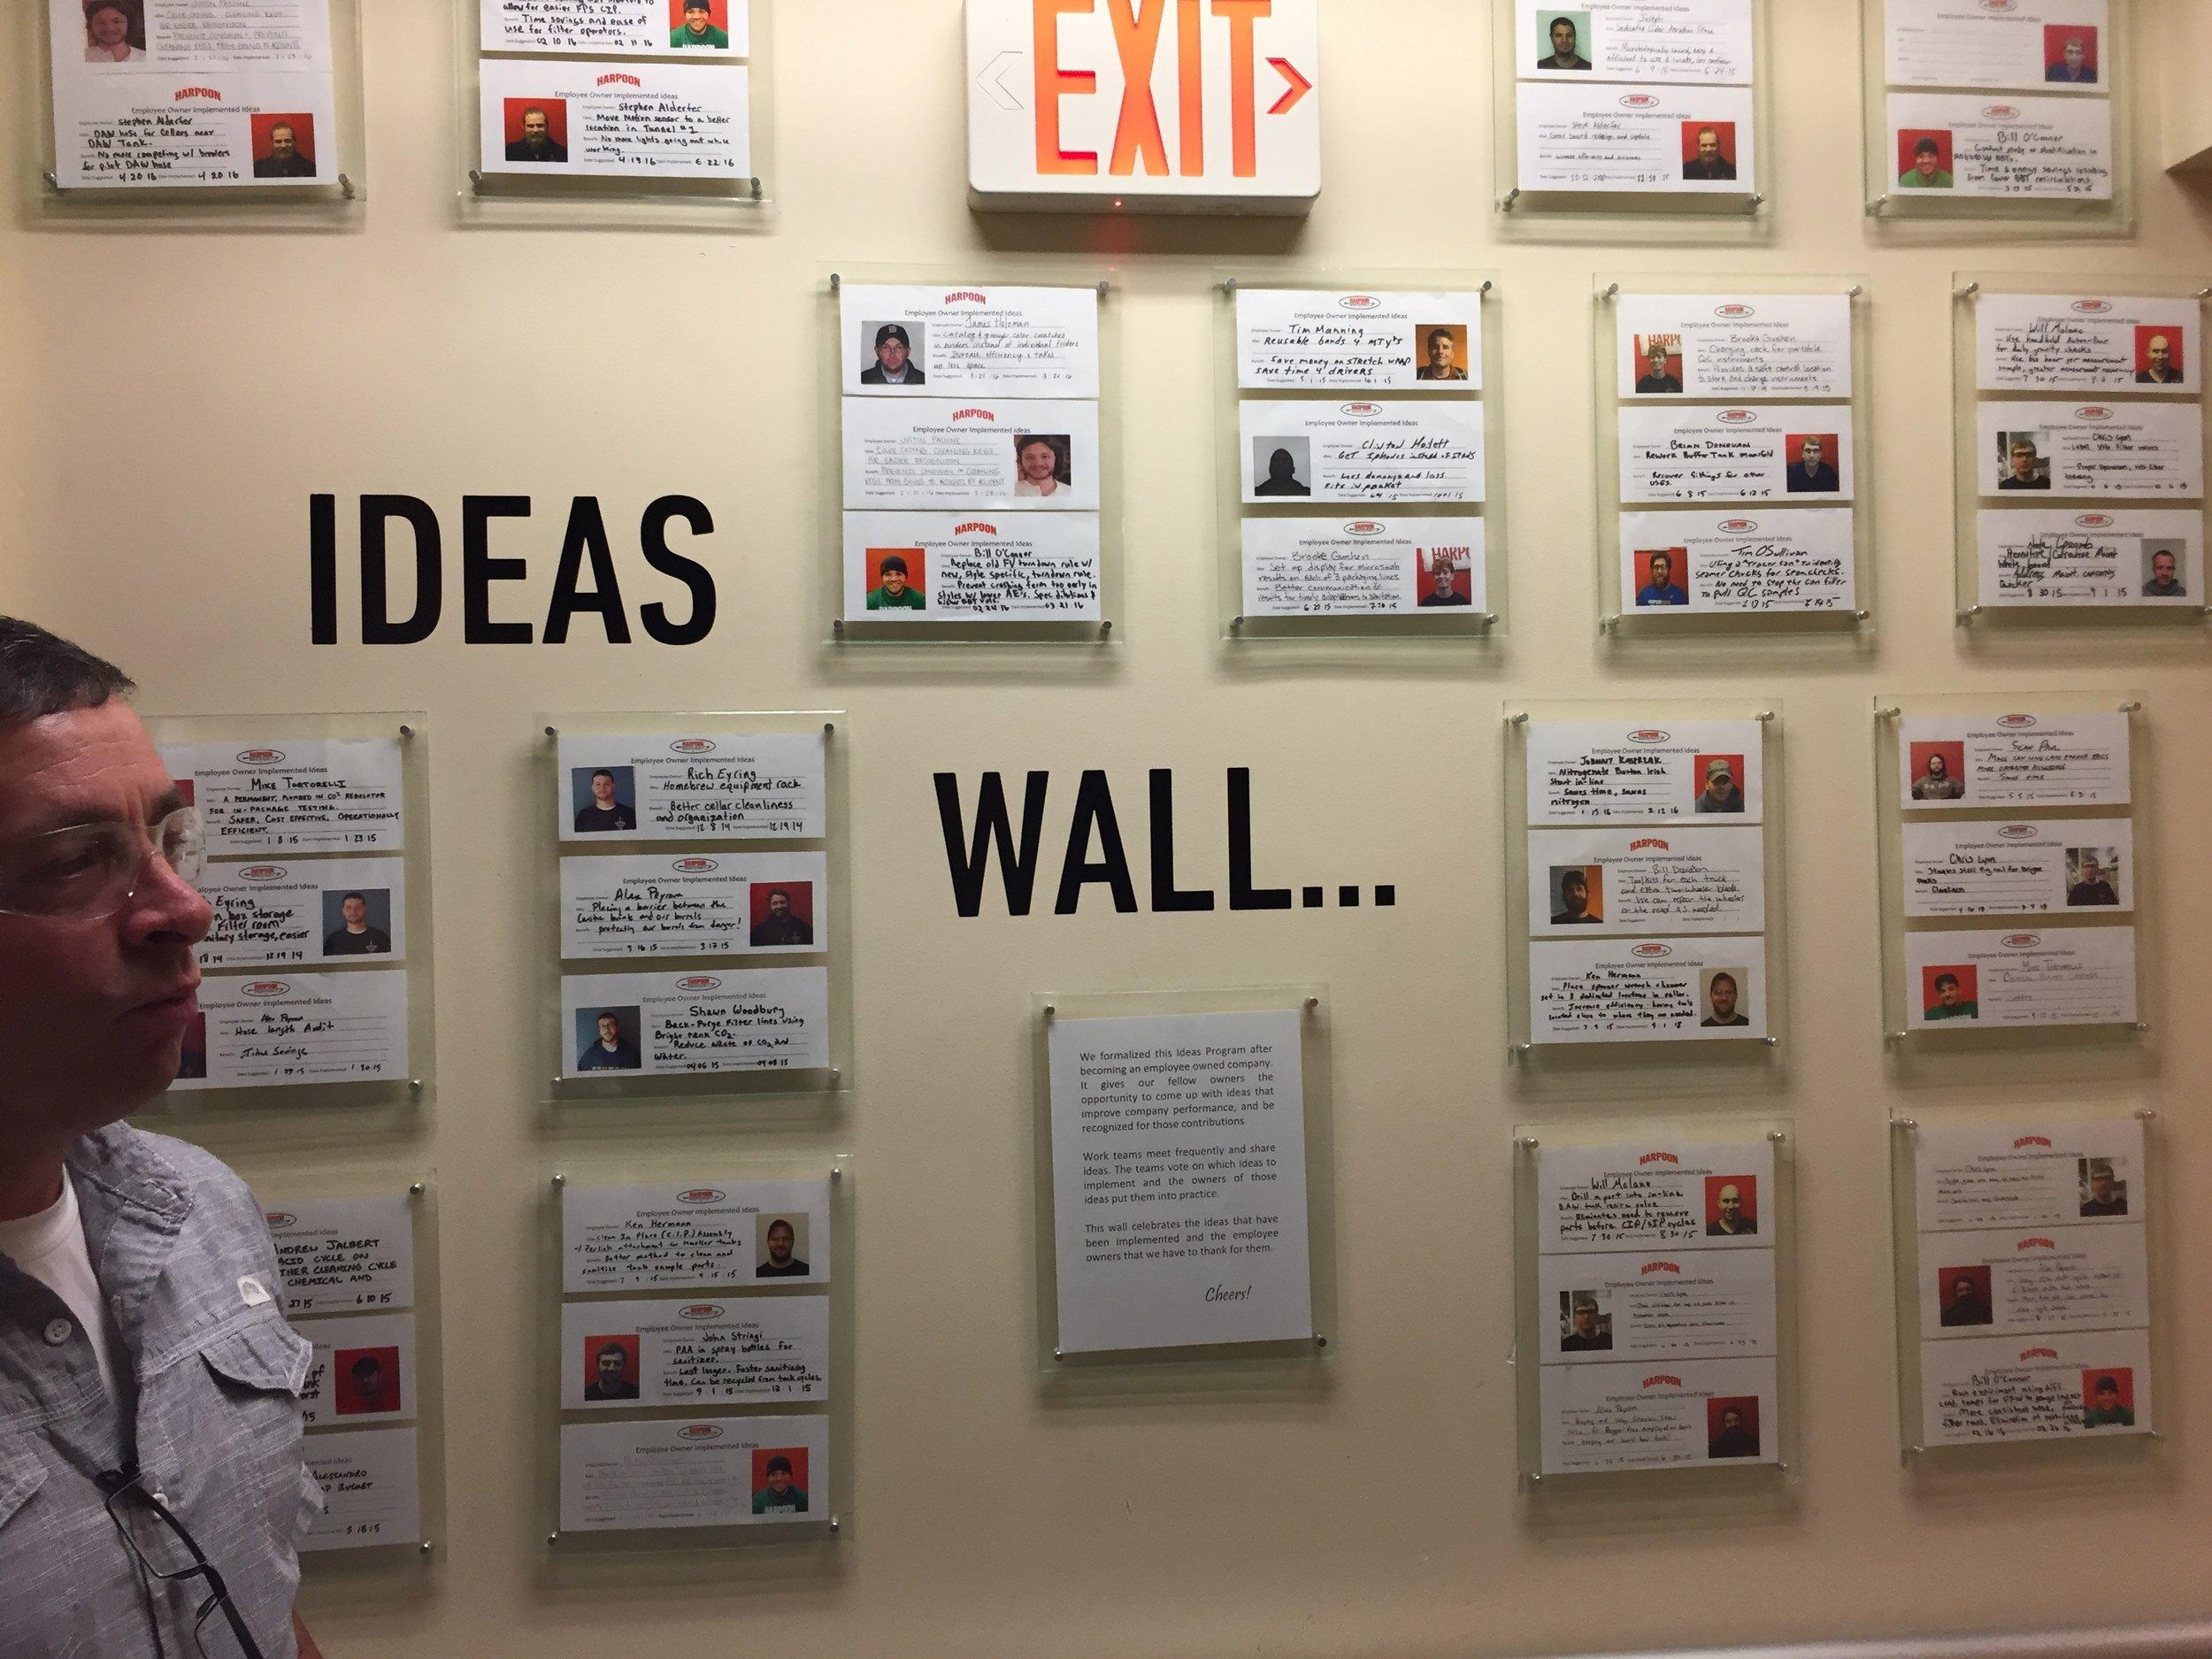 Employee idea wall.